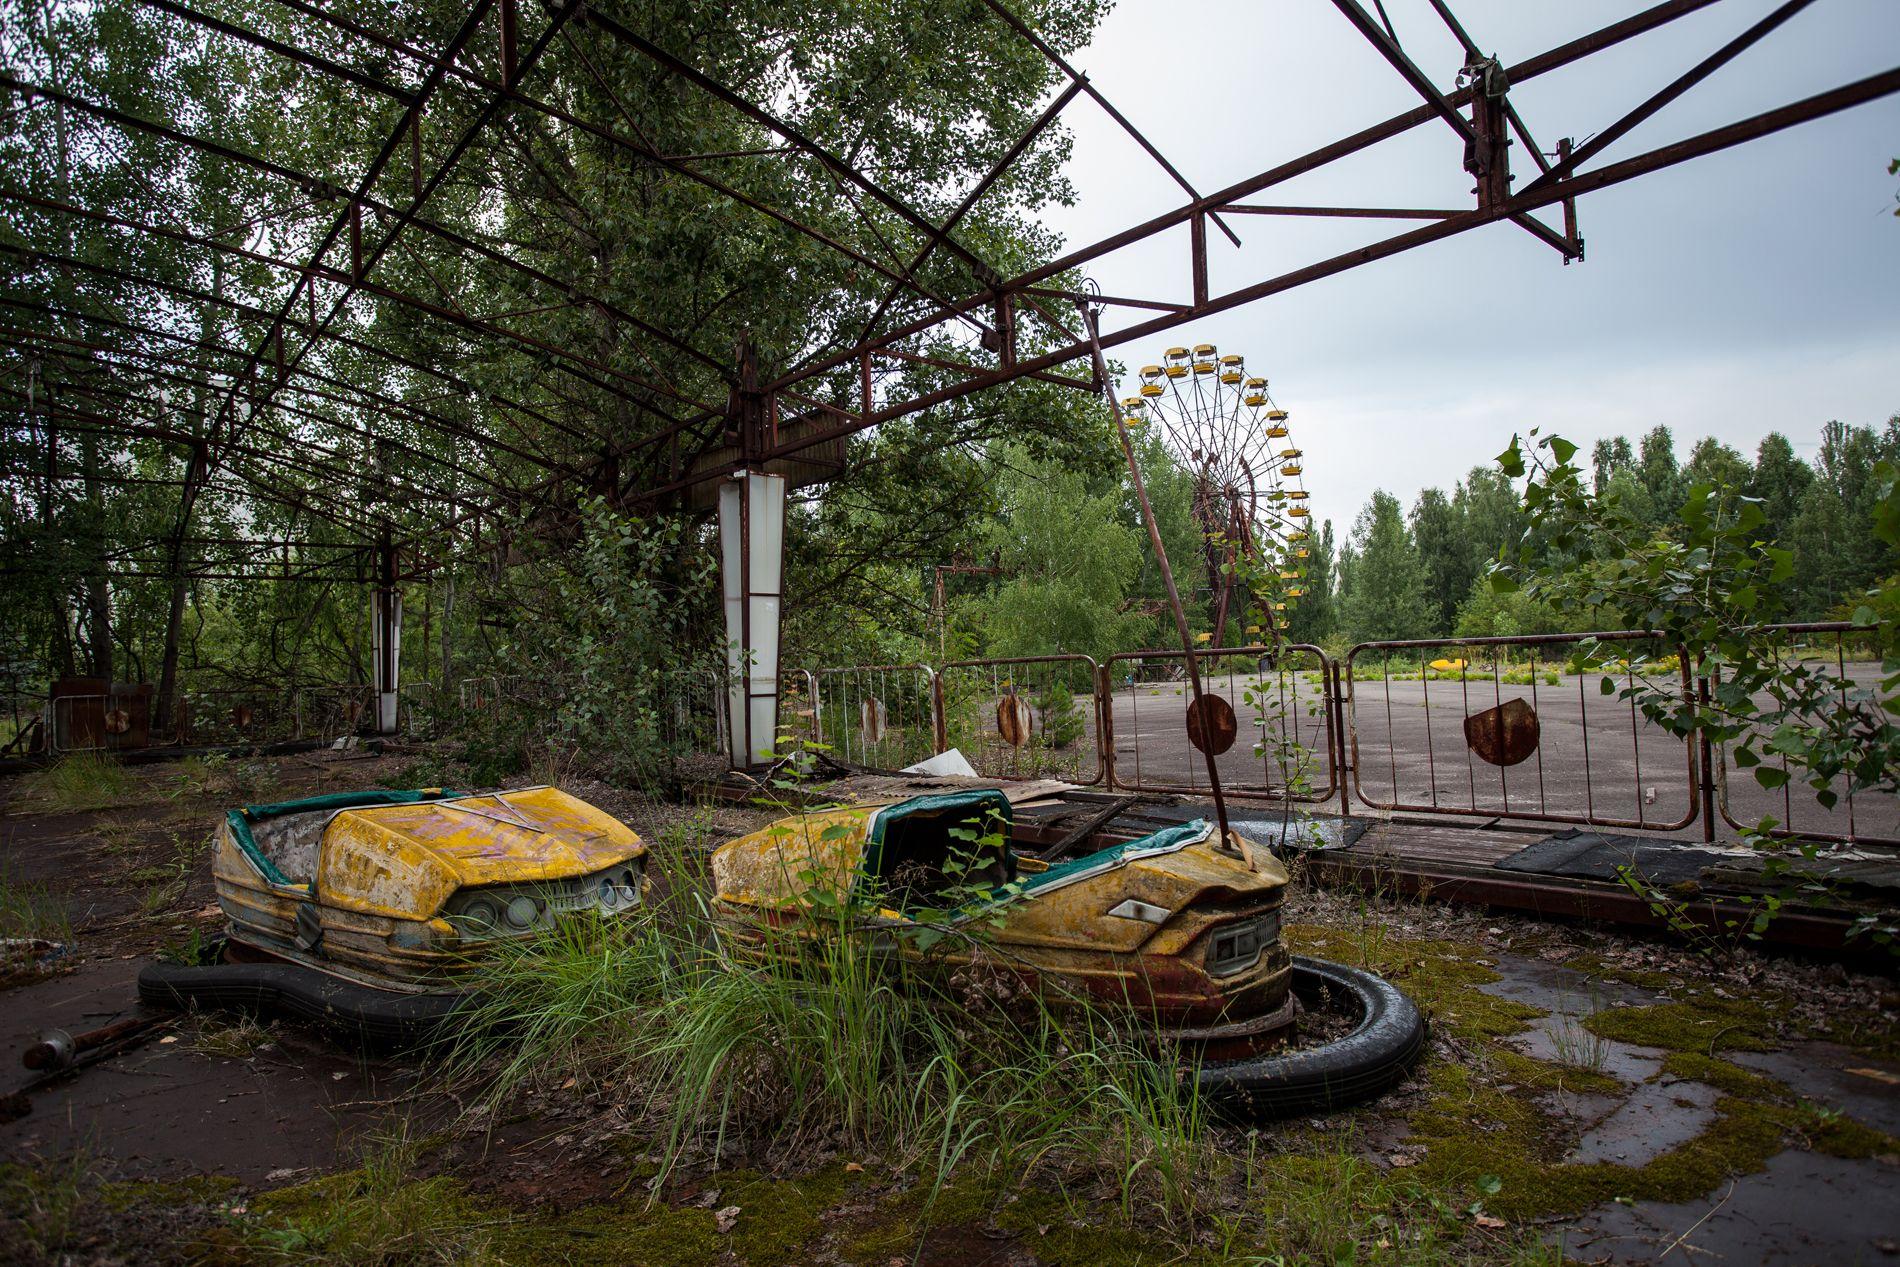 Abandoned city of Pripyat, Ukraine: Completely abandoned now